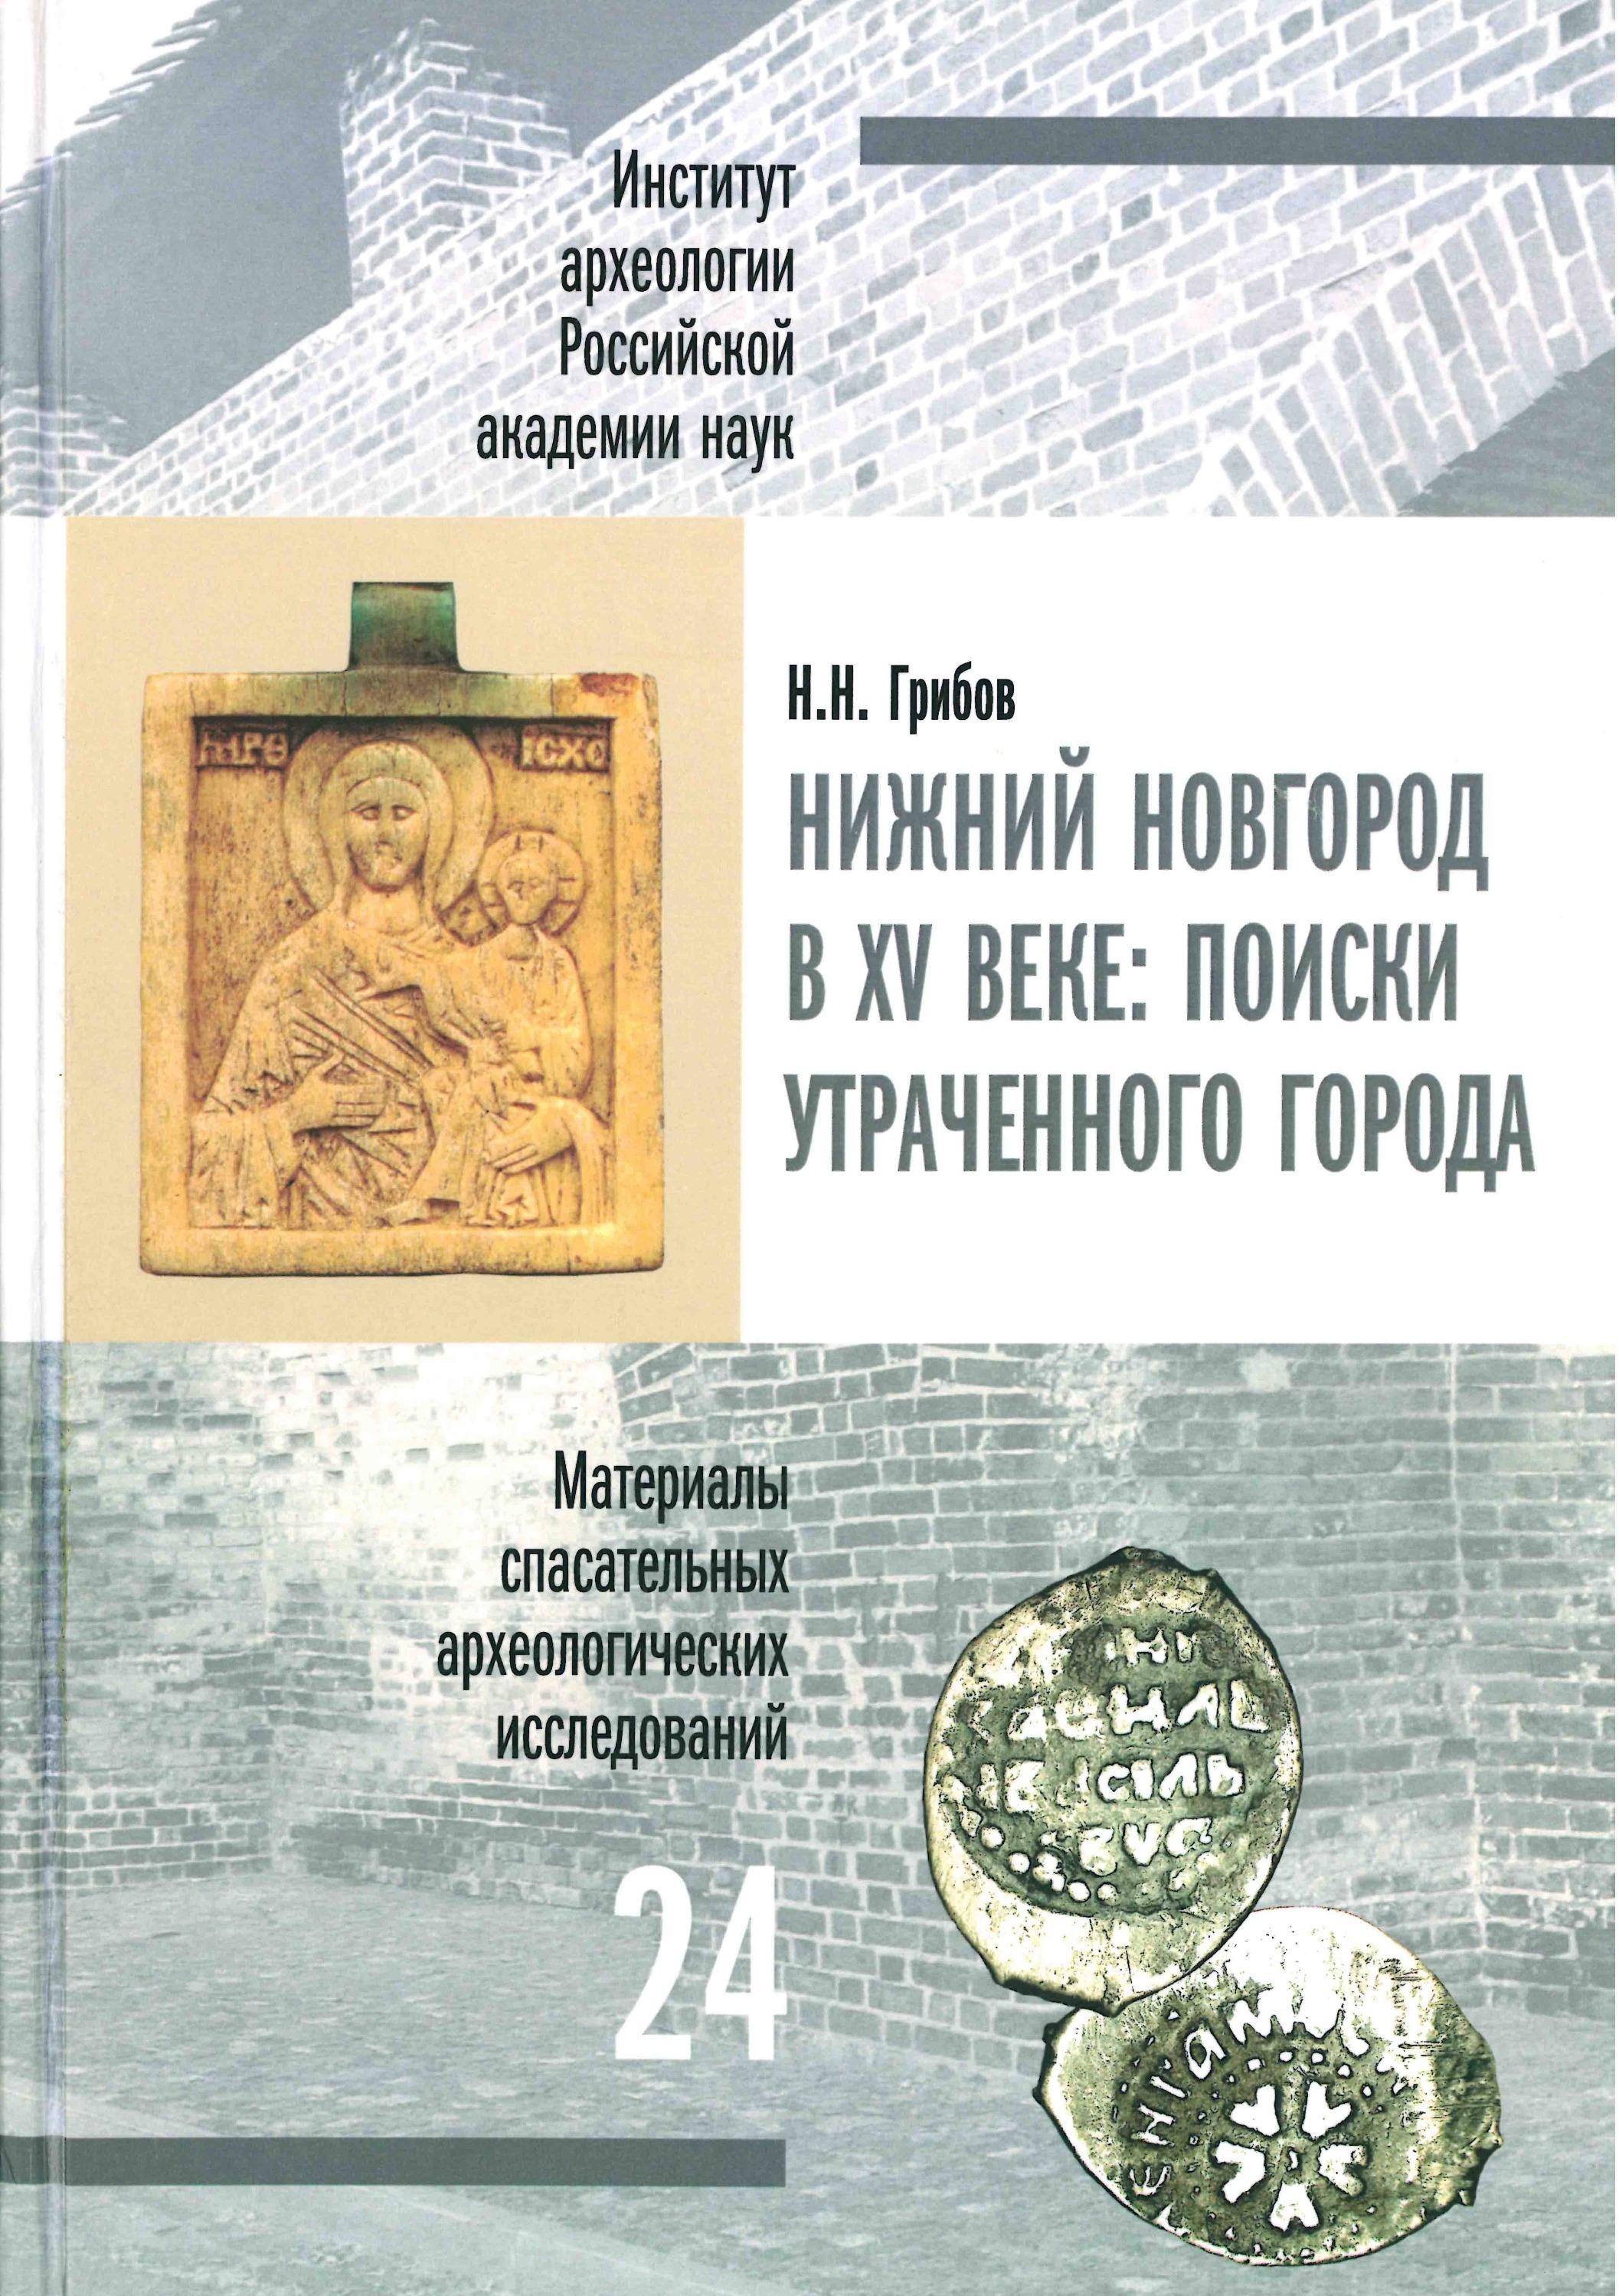 Обложка книги Н.Н. Грибова